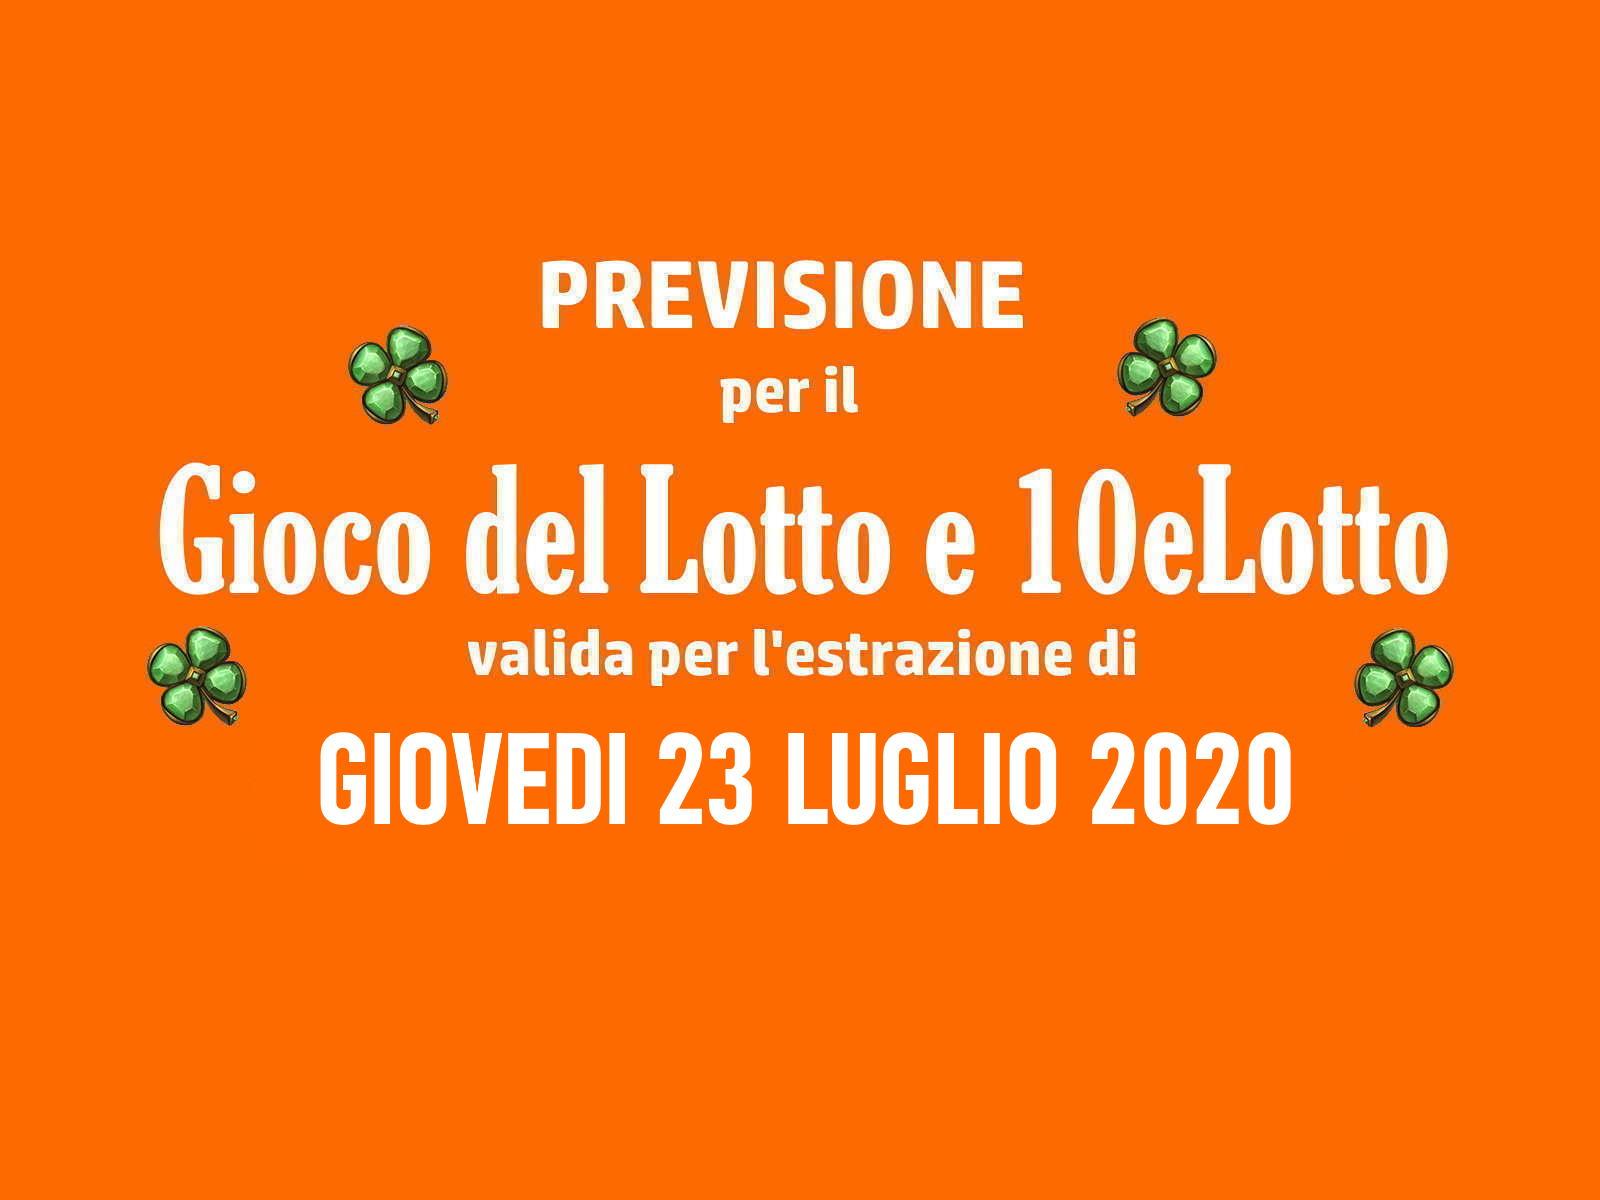 Previsione Lotto 23 Luglio 2020